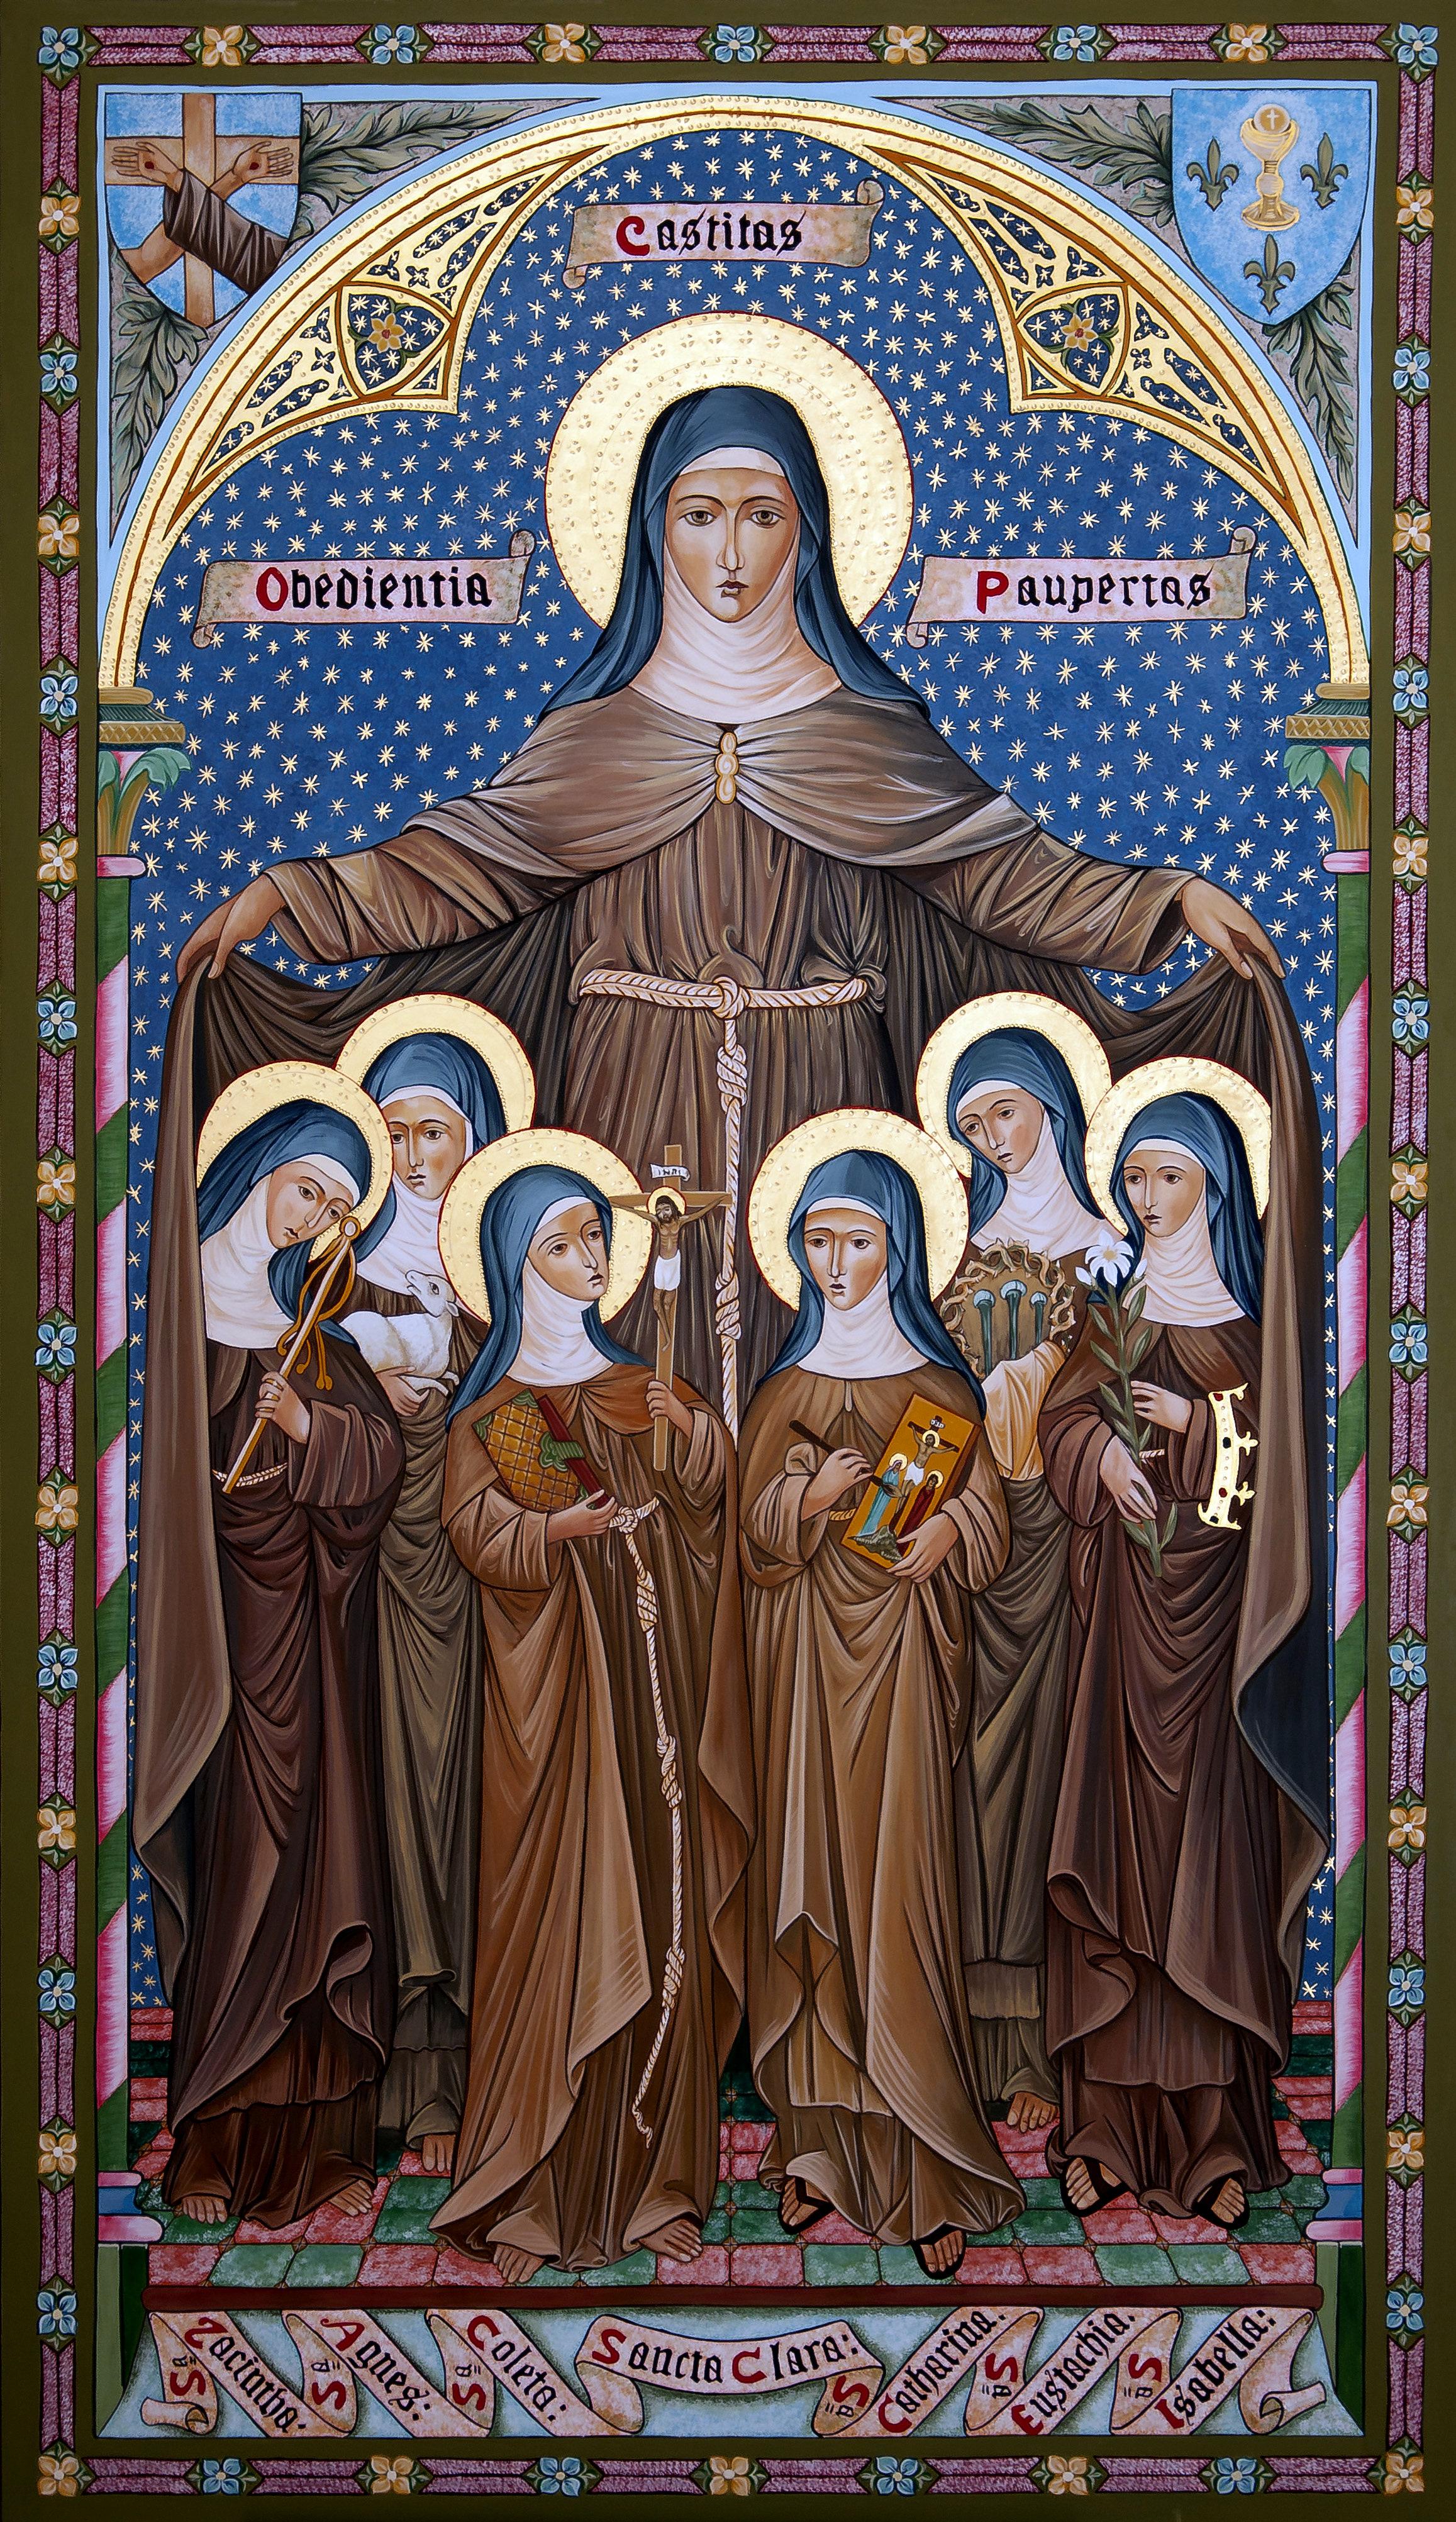 Santa Caterina, alla sinistra di Santa Chiara